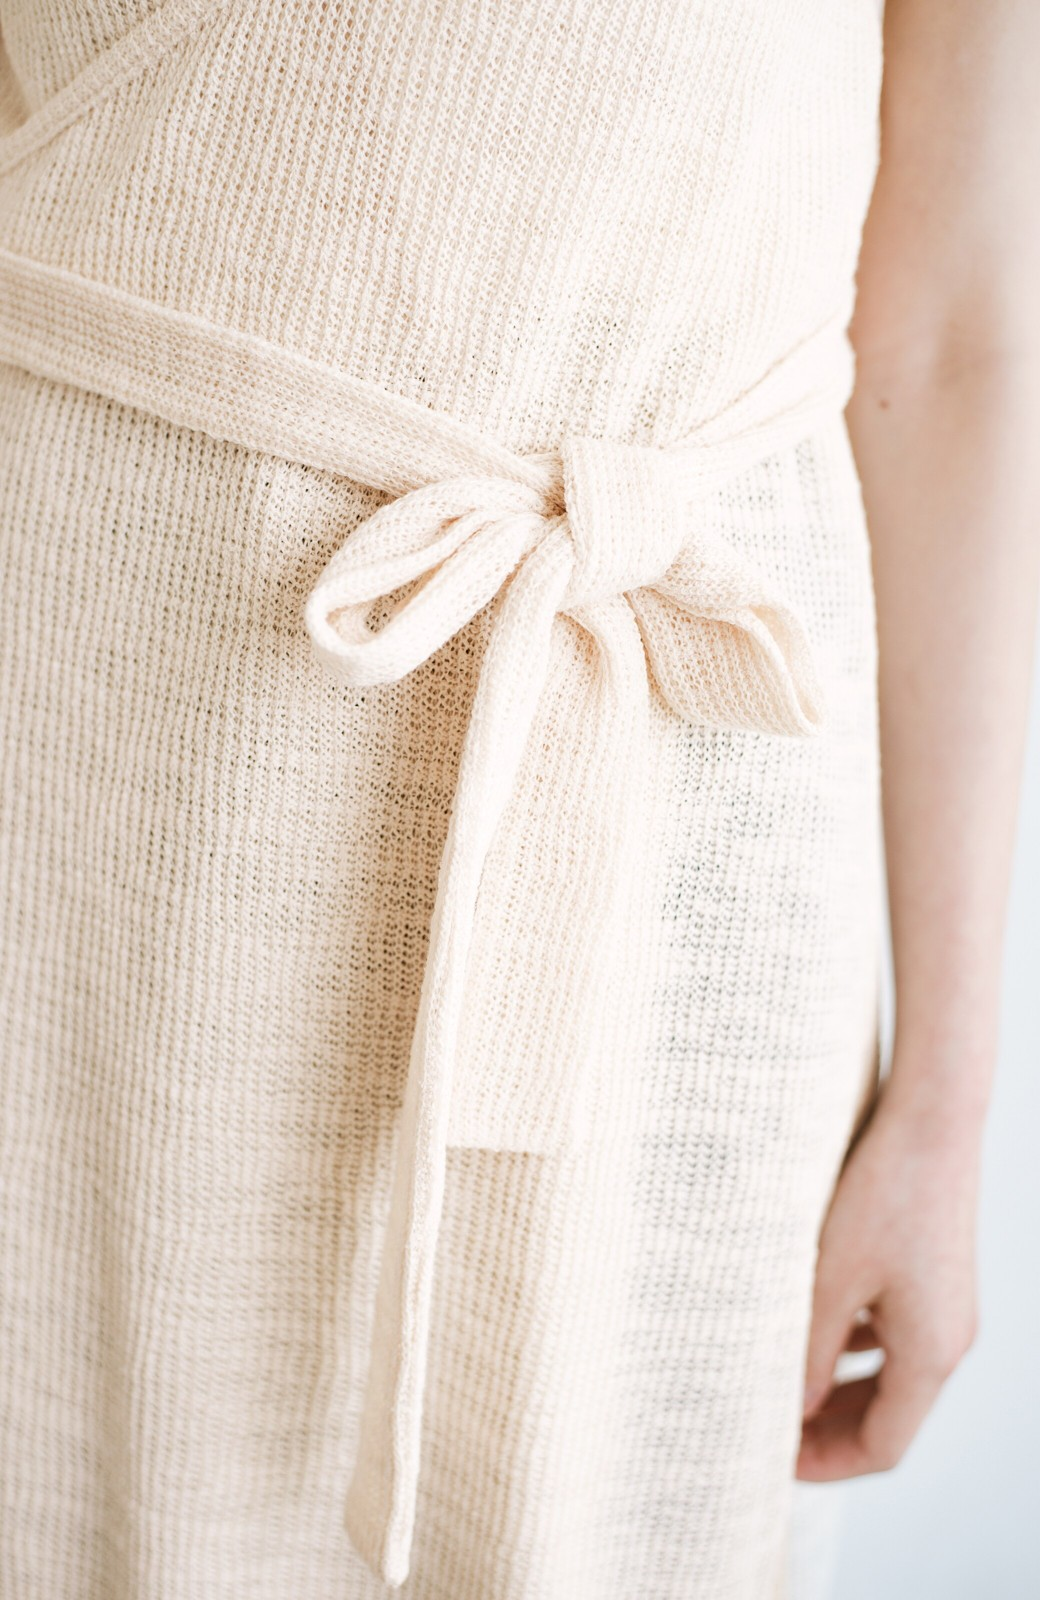 haco! 合わせて着るだけで今っぽかわいい シンプルTシャツ&カシュクールキャミワンピースセット <ライトベージュ>の商品写真5